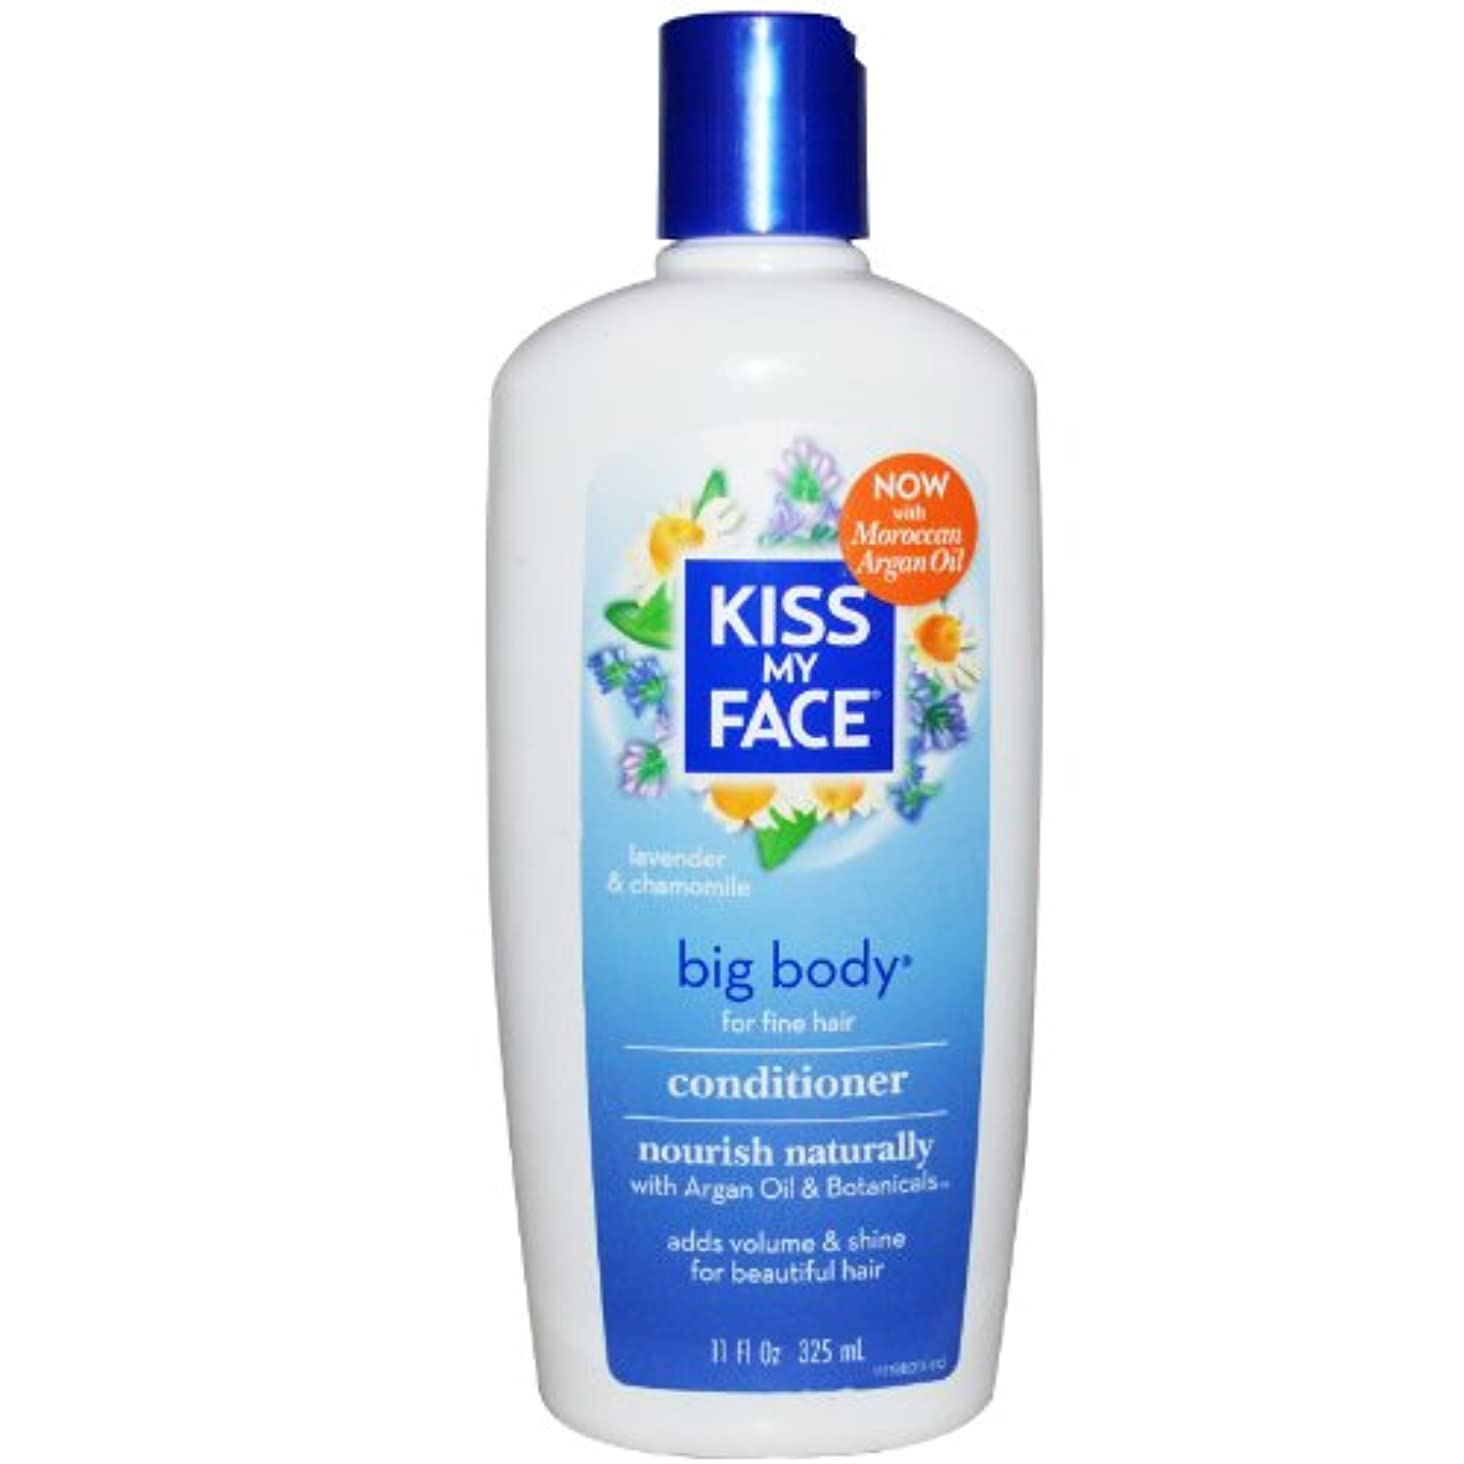 並外れて定数嫌悪Kiss My Face Big Body Conditioner Lavender and Chamomile - 11 fl oz